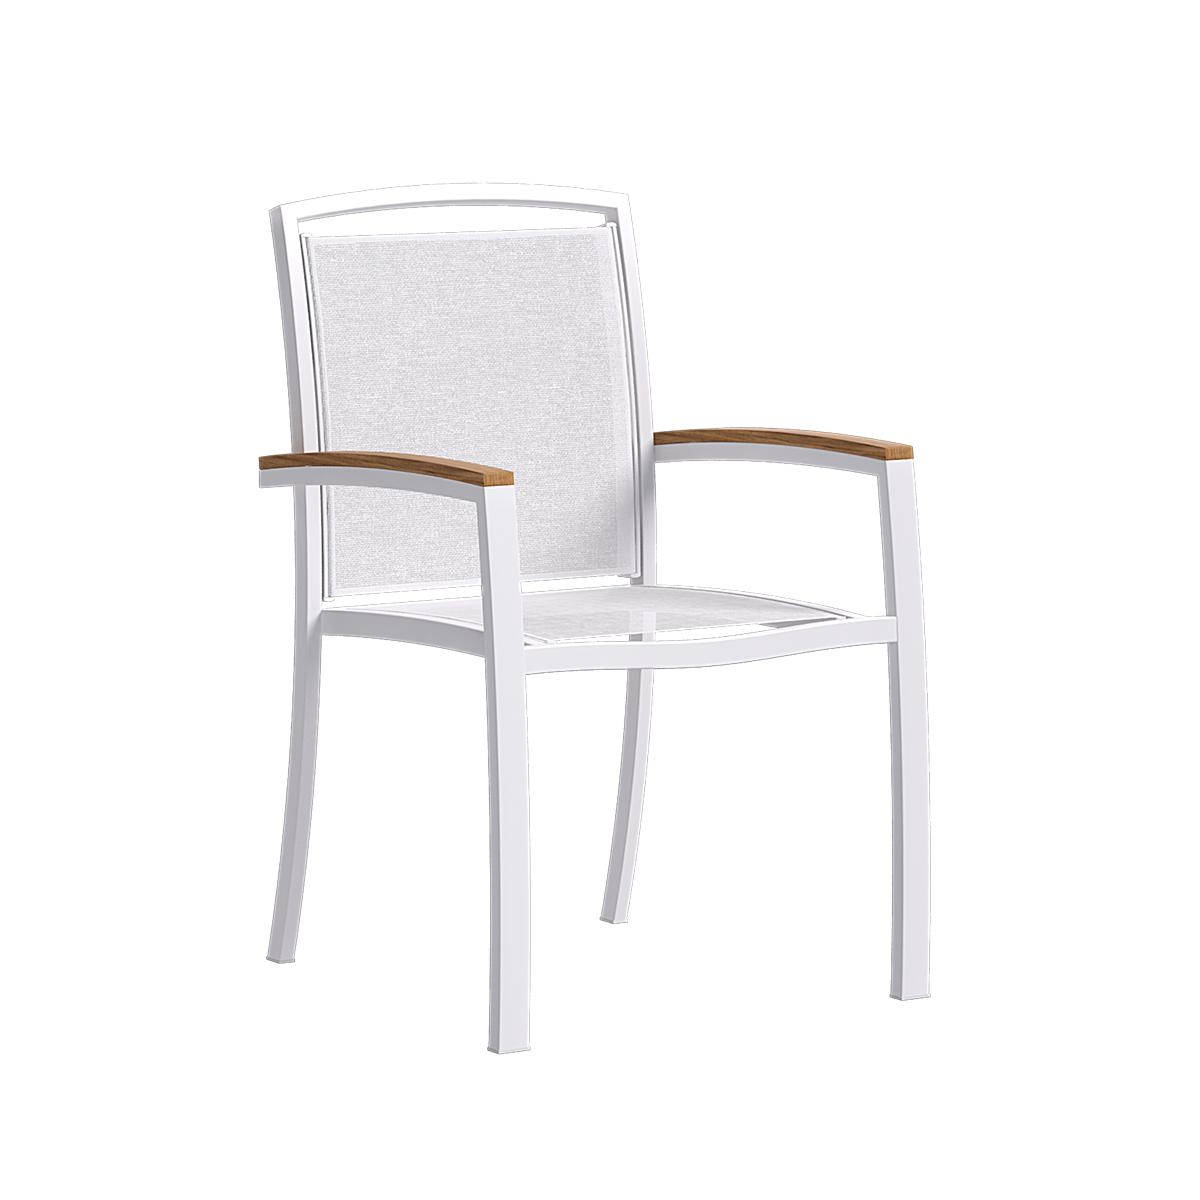 Mood chair - на 360.ru: цены, описание, характеристики, где купить в Москве.